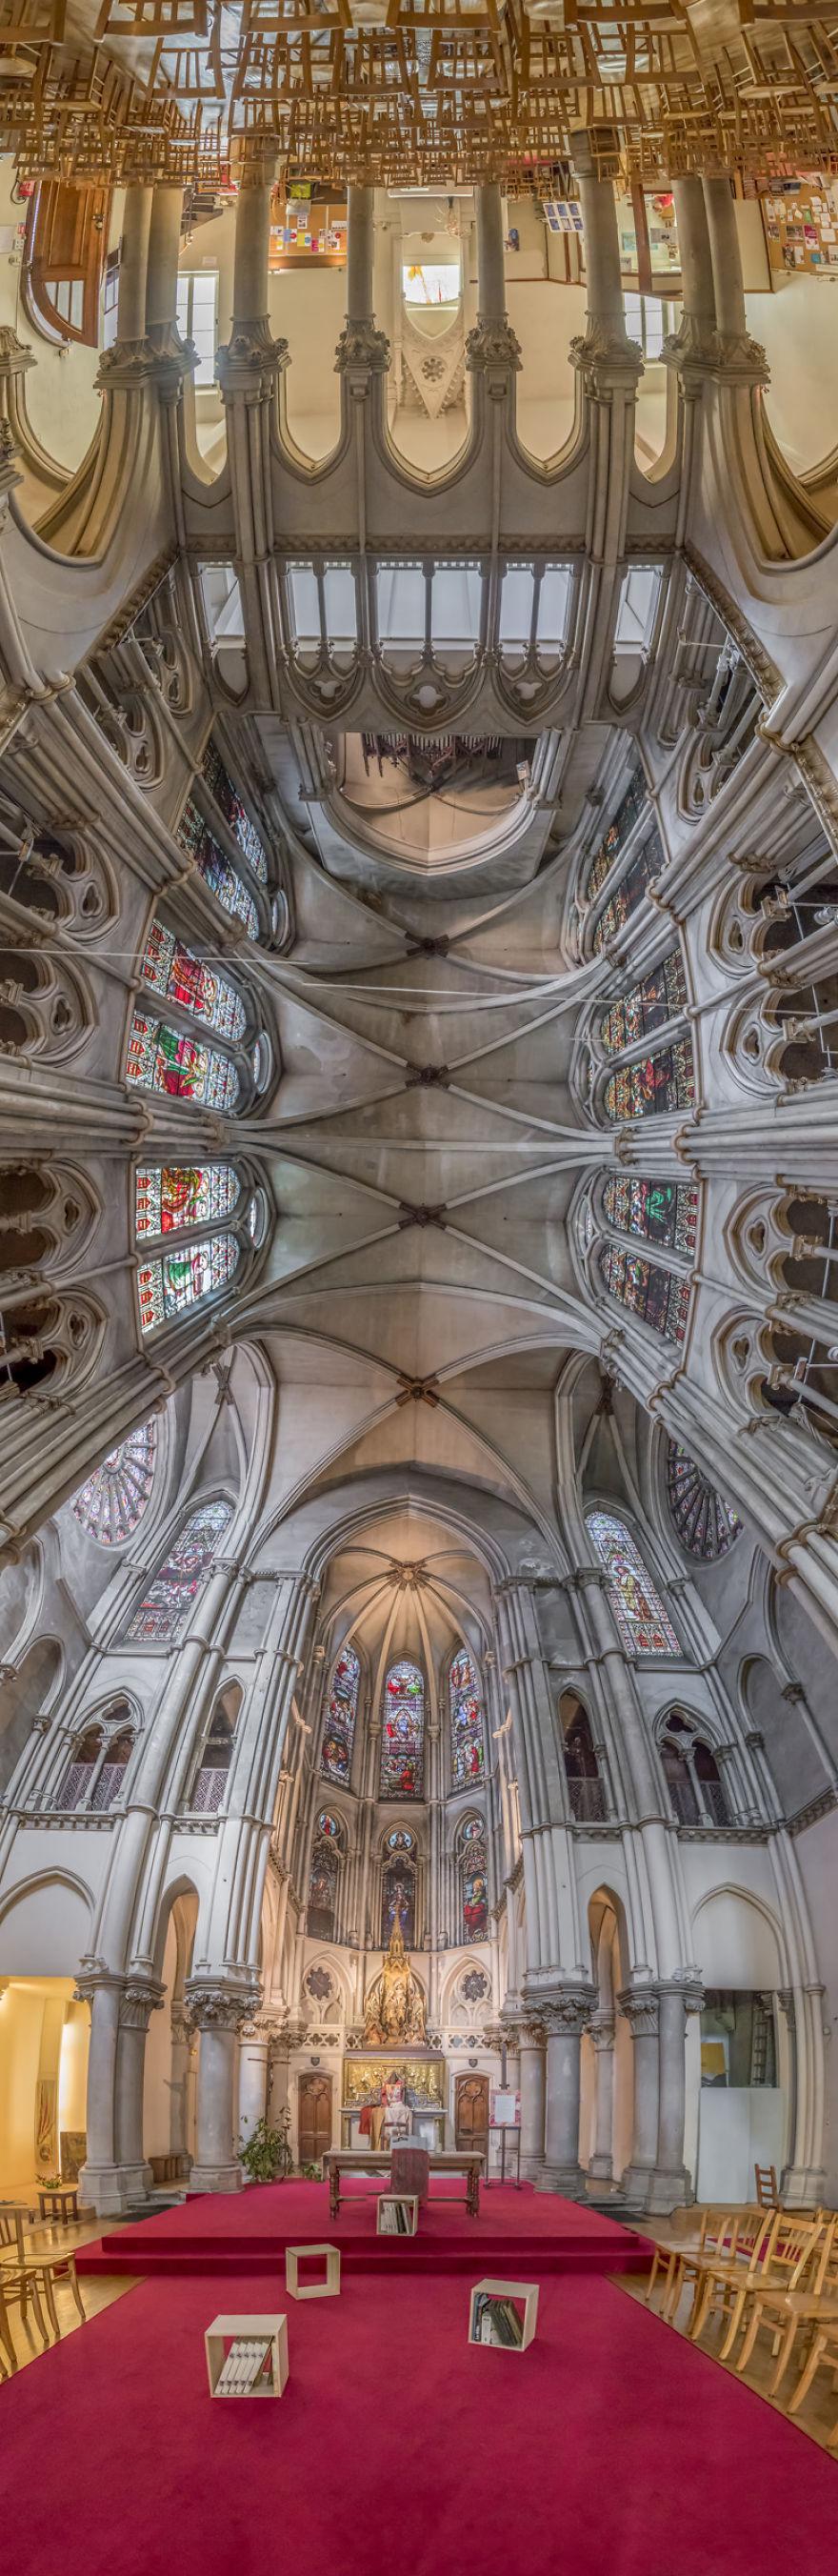 Chapelle-de-Notre-Dame-Des-Anges-Paris-France-5afb382cc29be__880